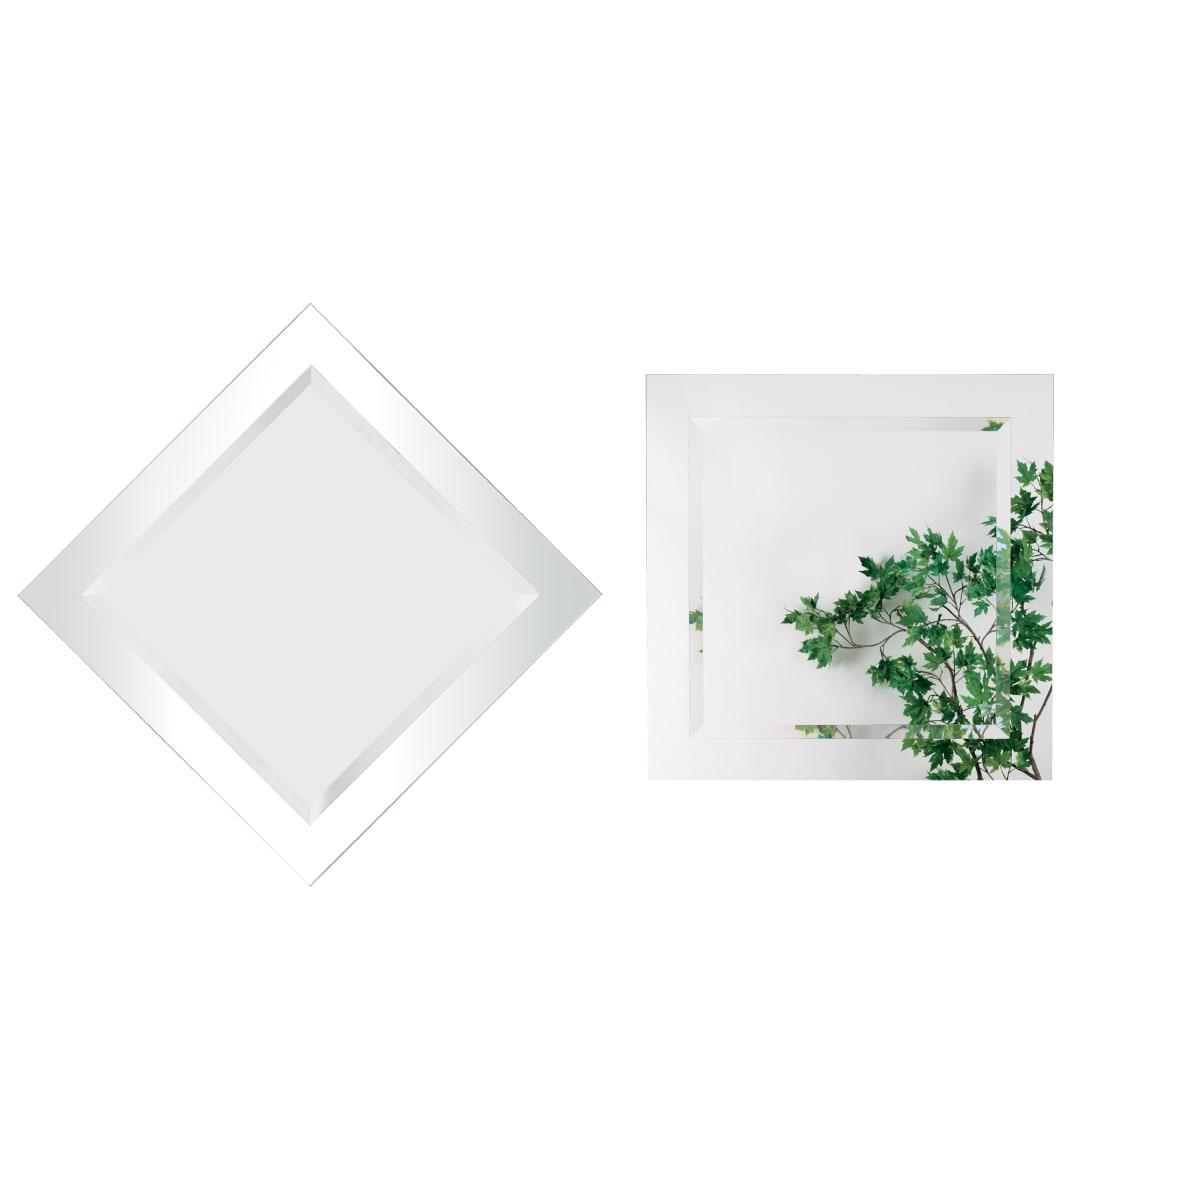 Alno 28 x 28 Inch Frameless Square Mirror